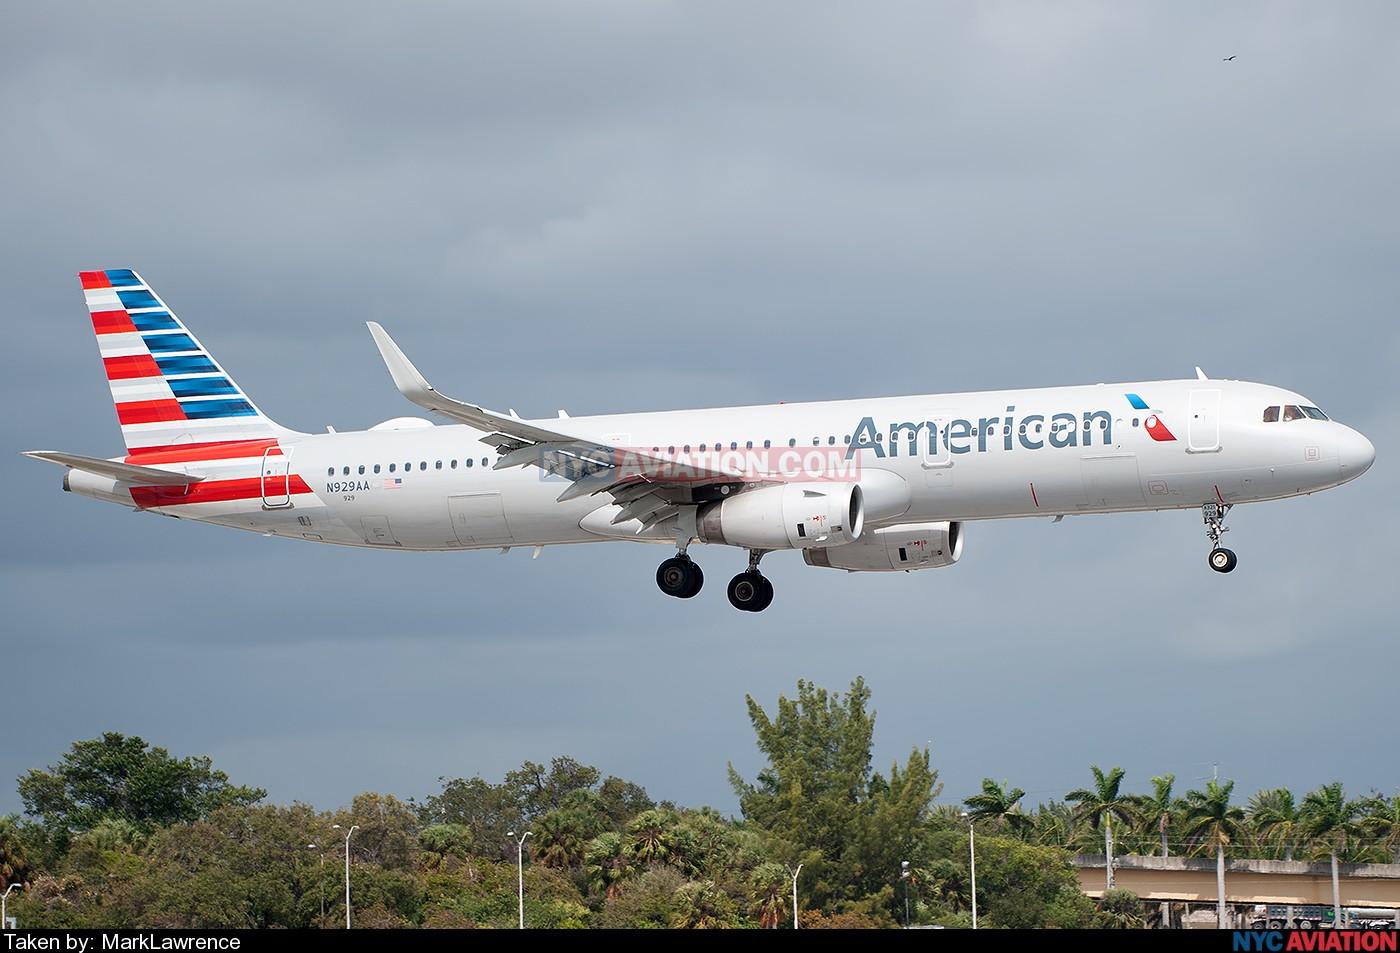 dkxTchGEIQ-A321-N929AA-KFLL-02012019.jpg